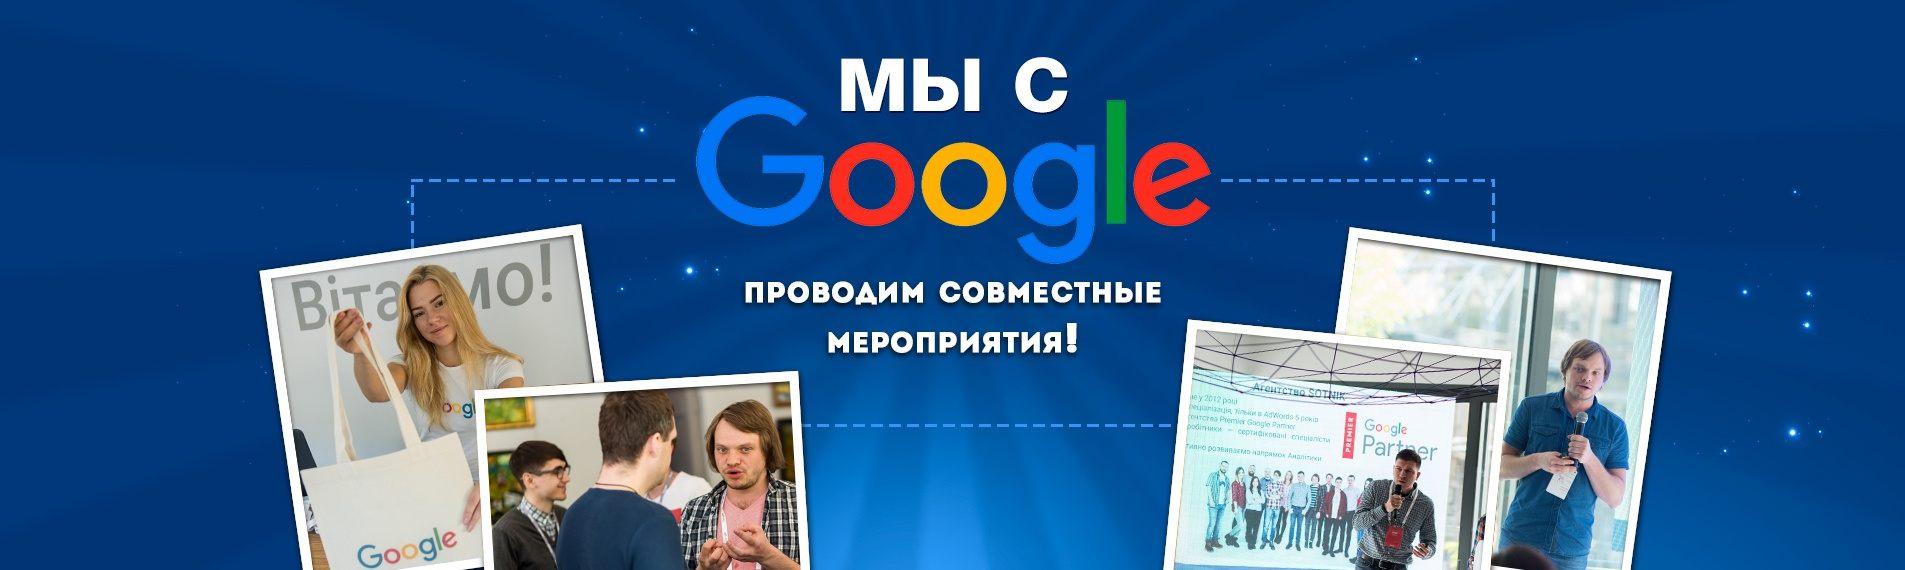 2 место в рейтинге РуНета